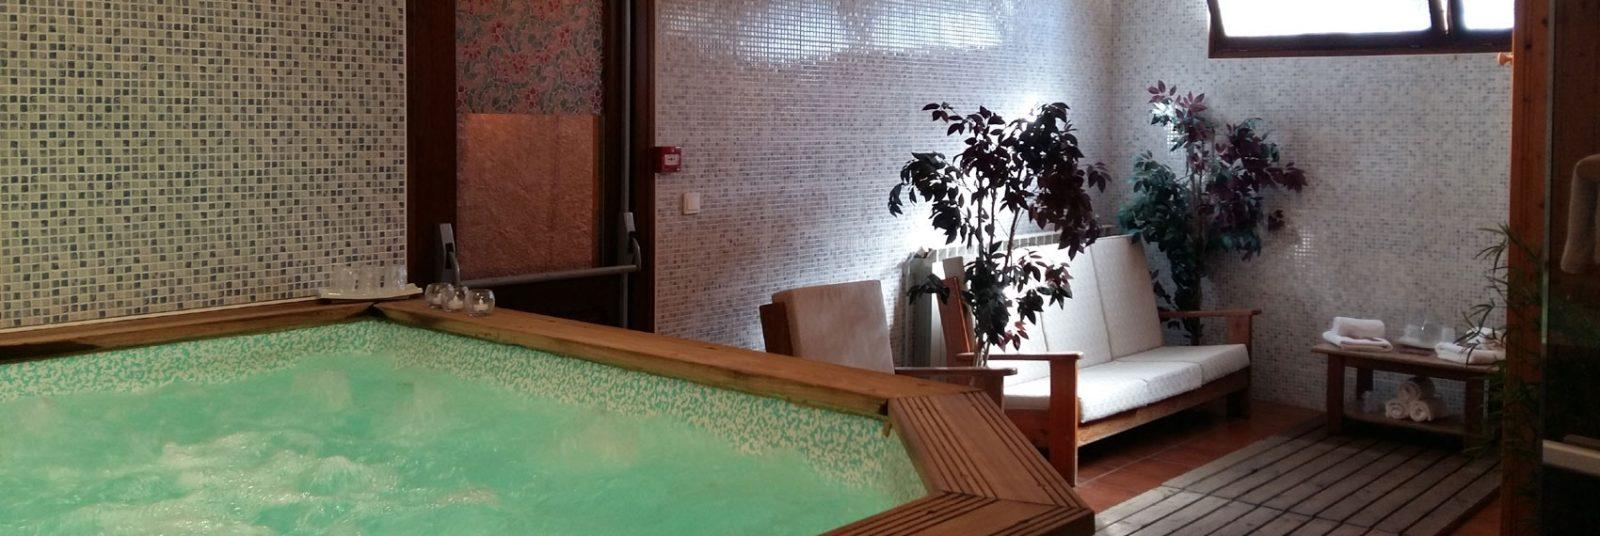 Hôtel Spa avec jacuzzi, sauna et hammam